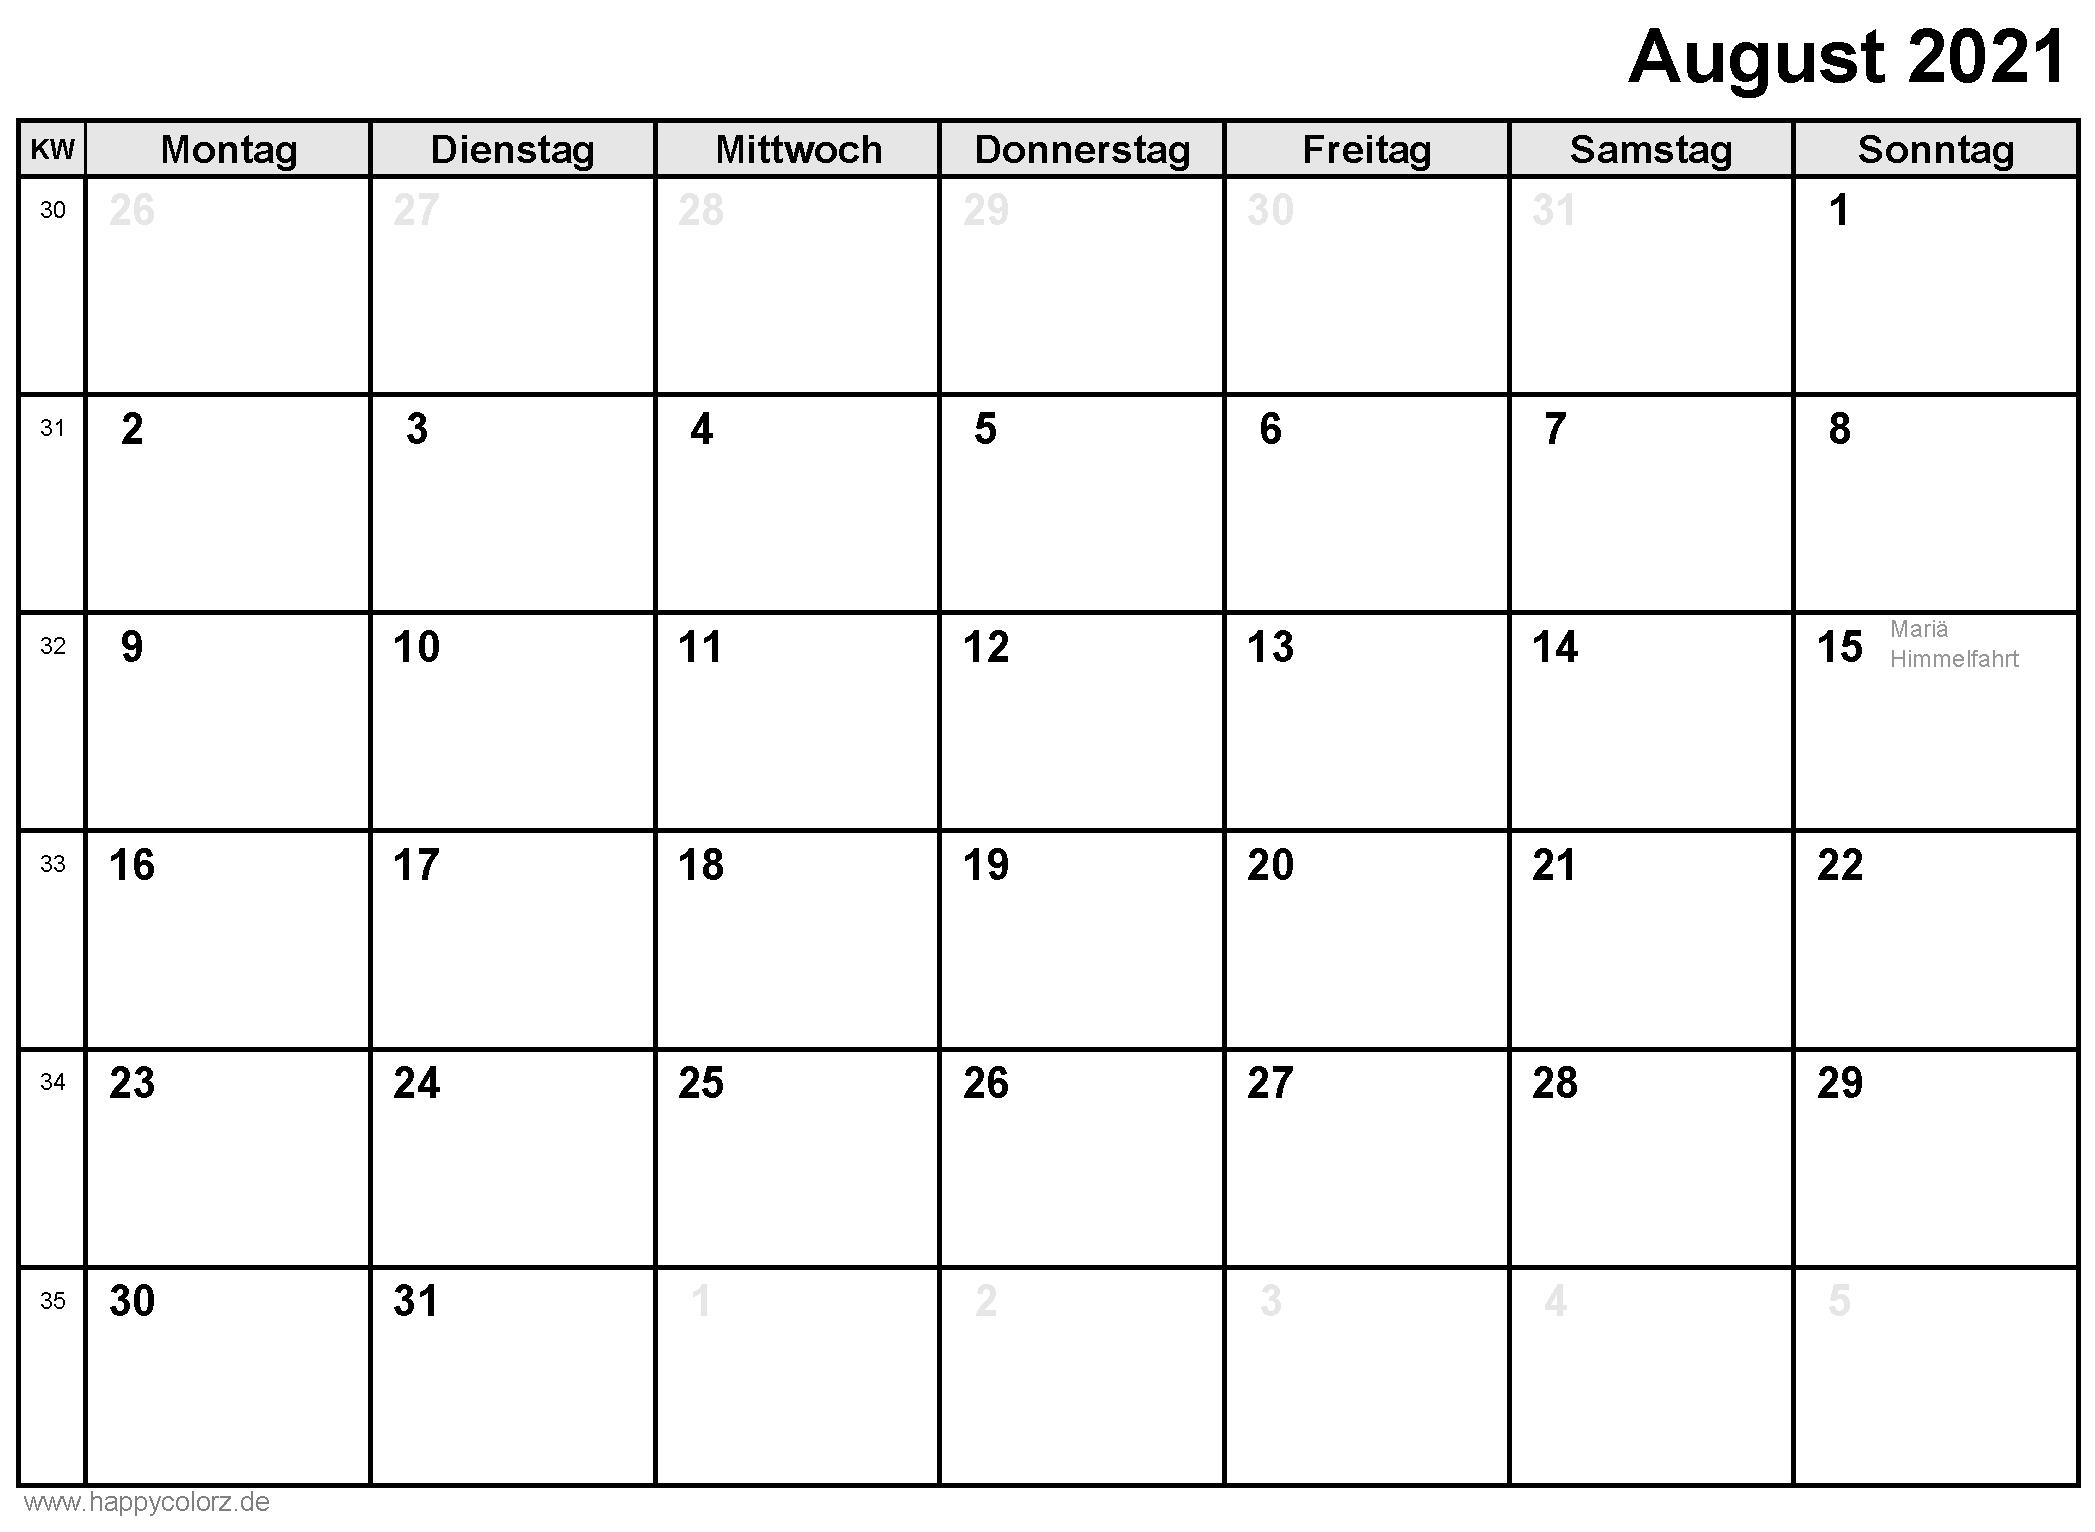 August 2021 Leere Kalender